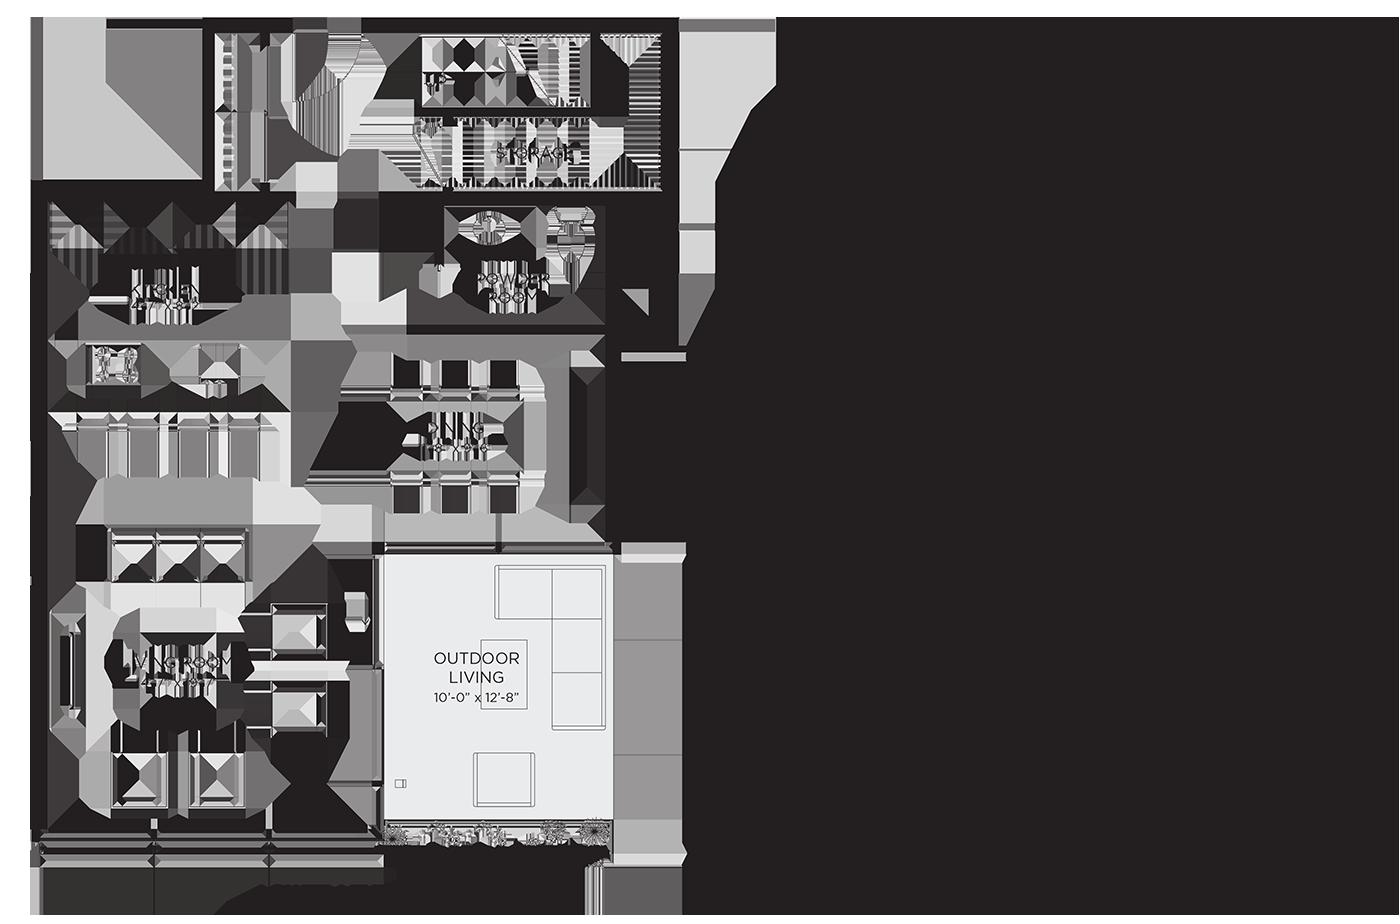 Unit 02RE Floor Plan